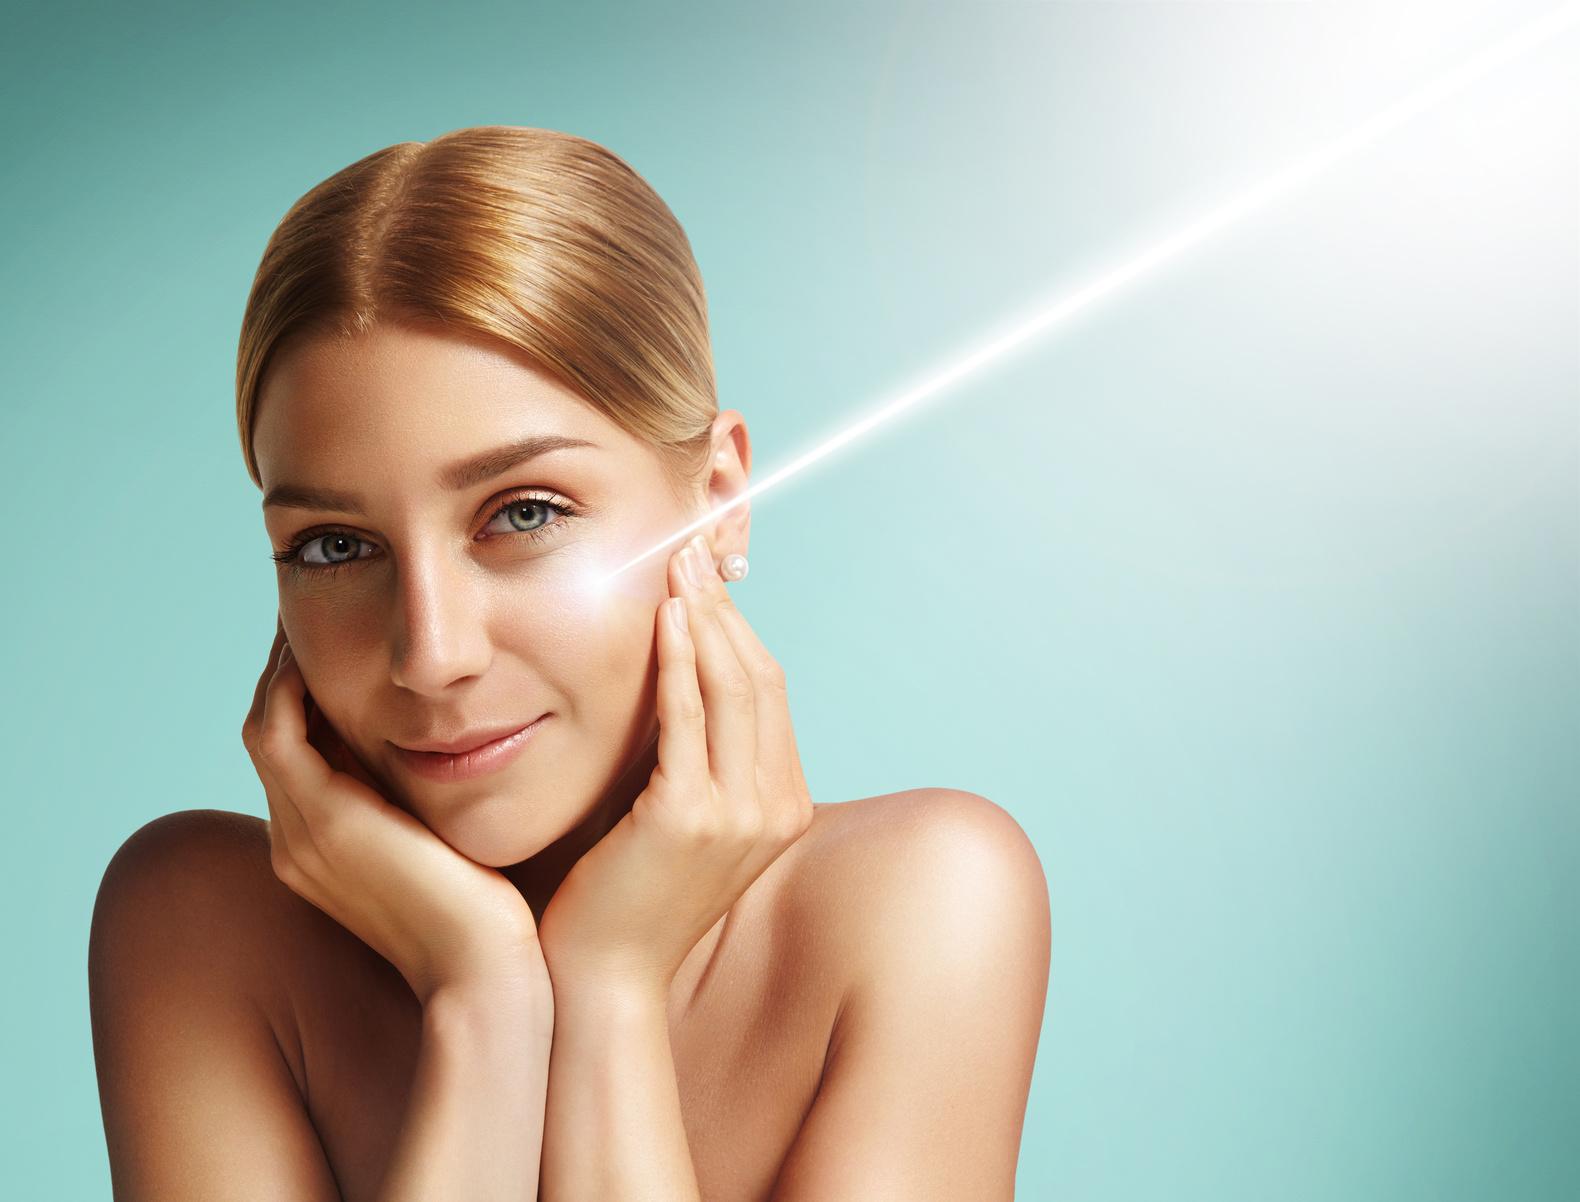 Usuwanie zmian skórnych laserem: kiedy można wykonać zabieg?